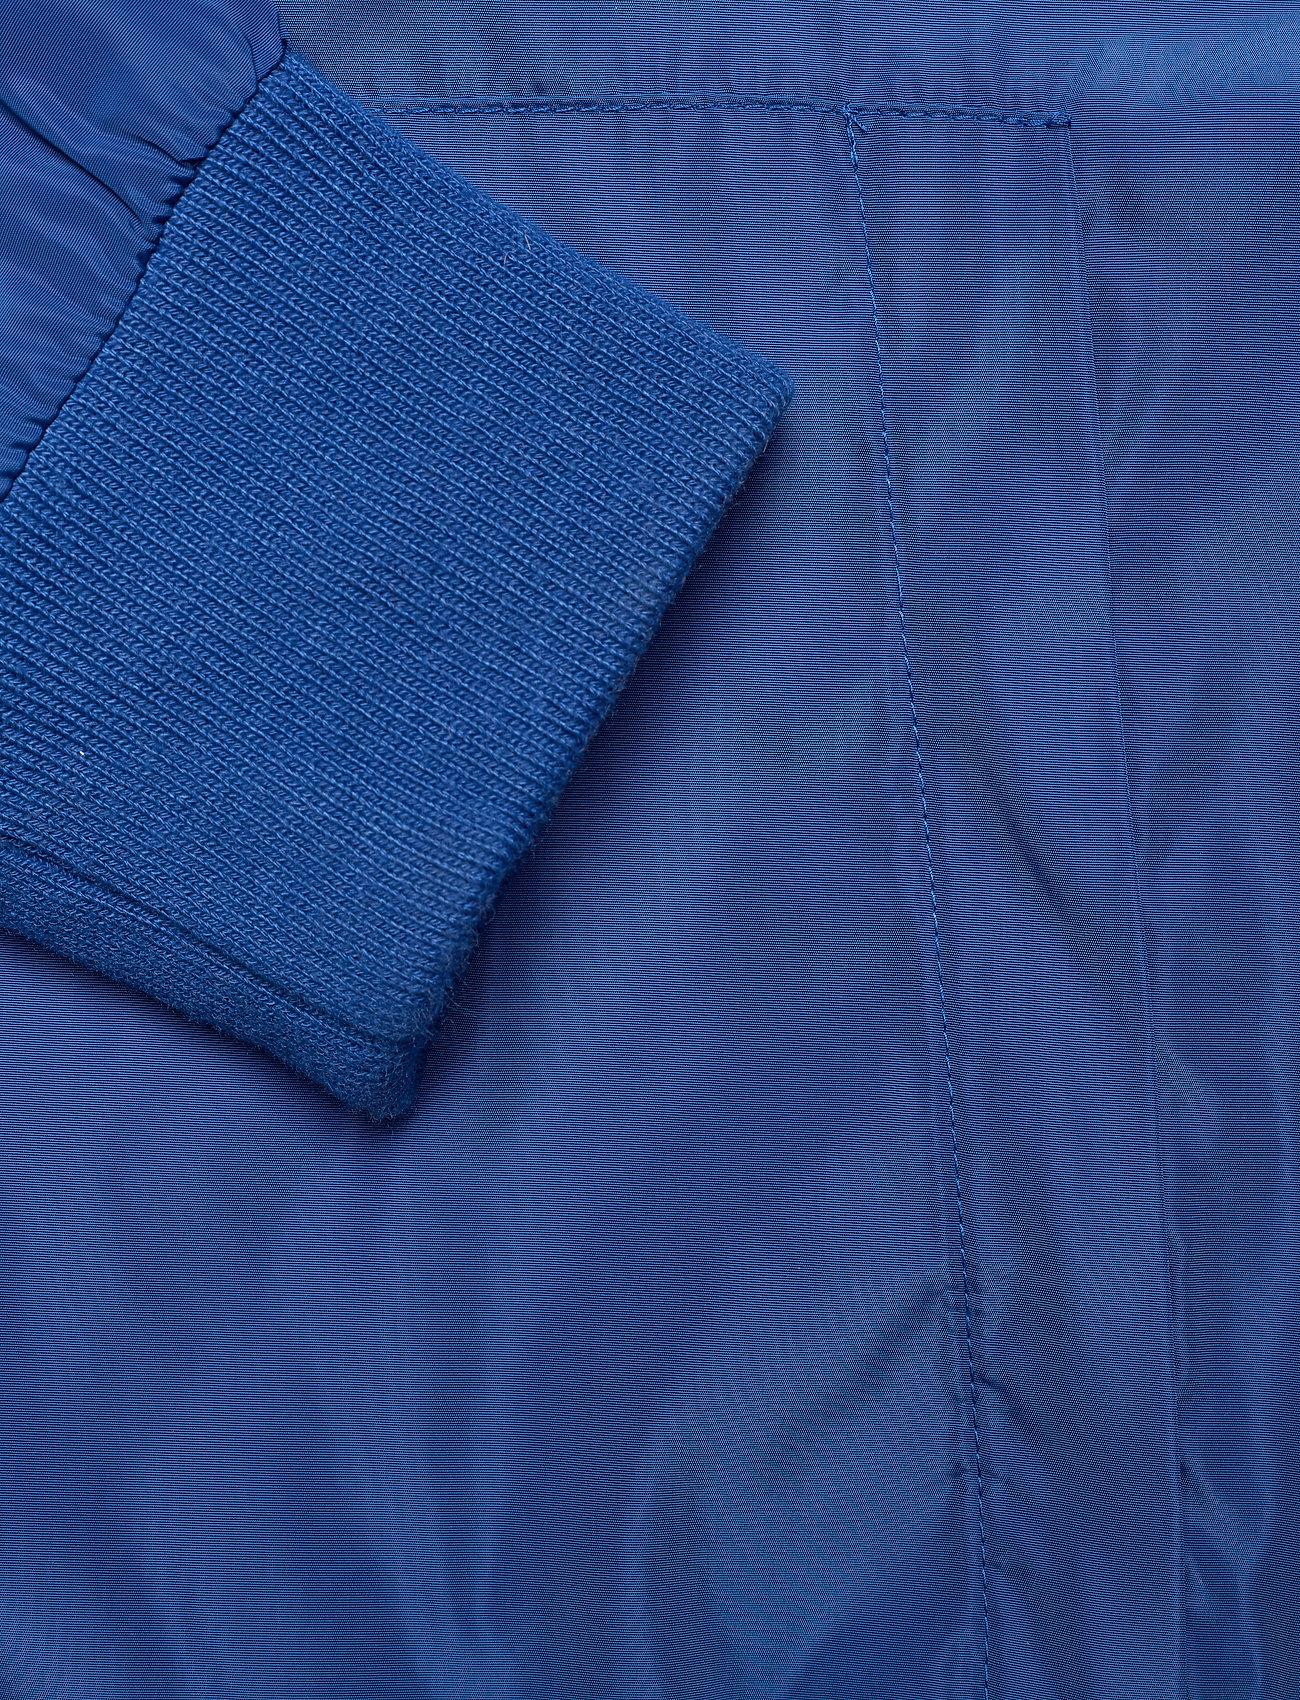 Hoodie BlueIzod Jackettrue Zip Up Technical 0X8nwOPk